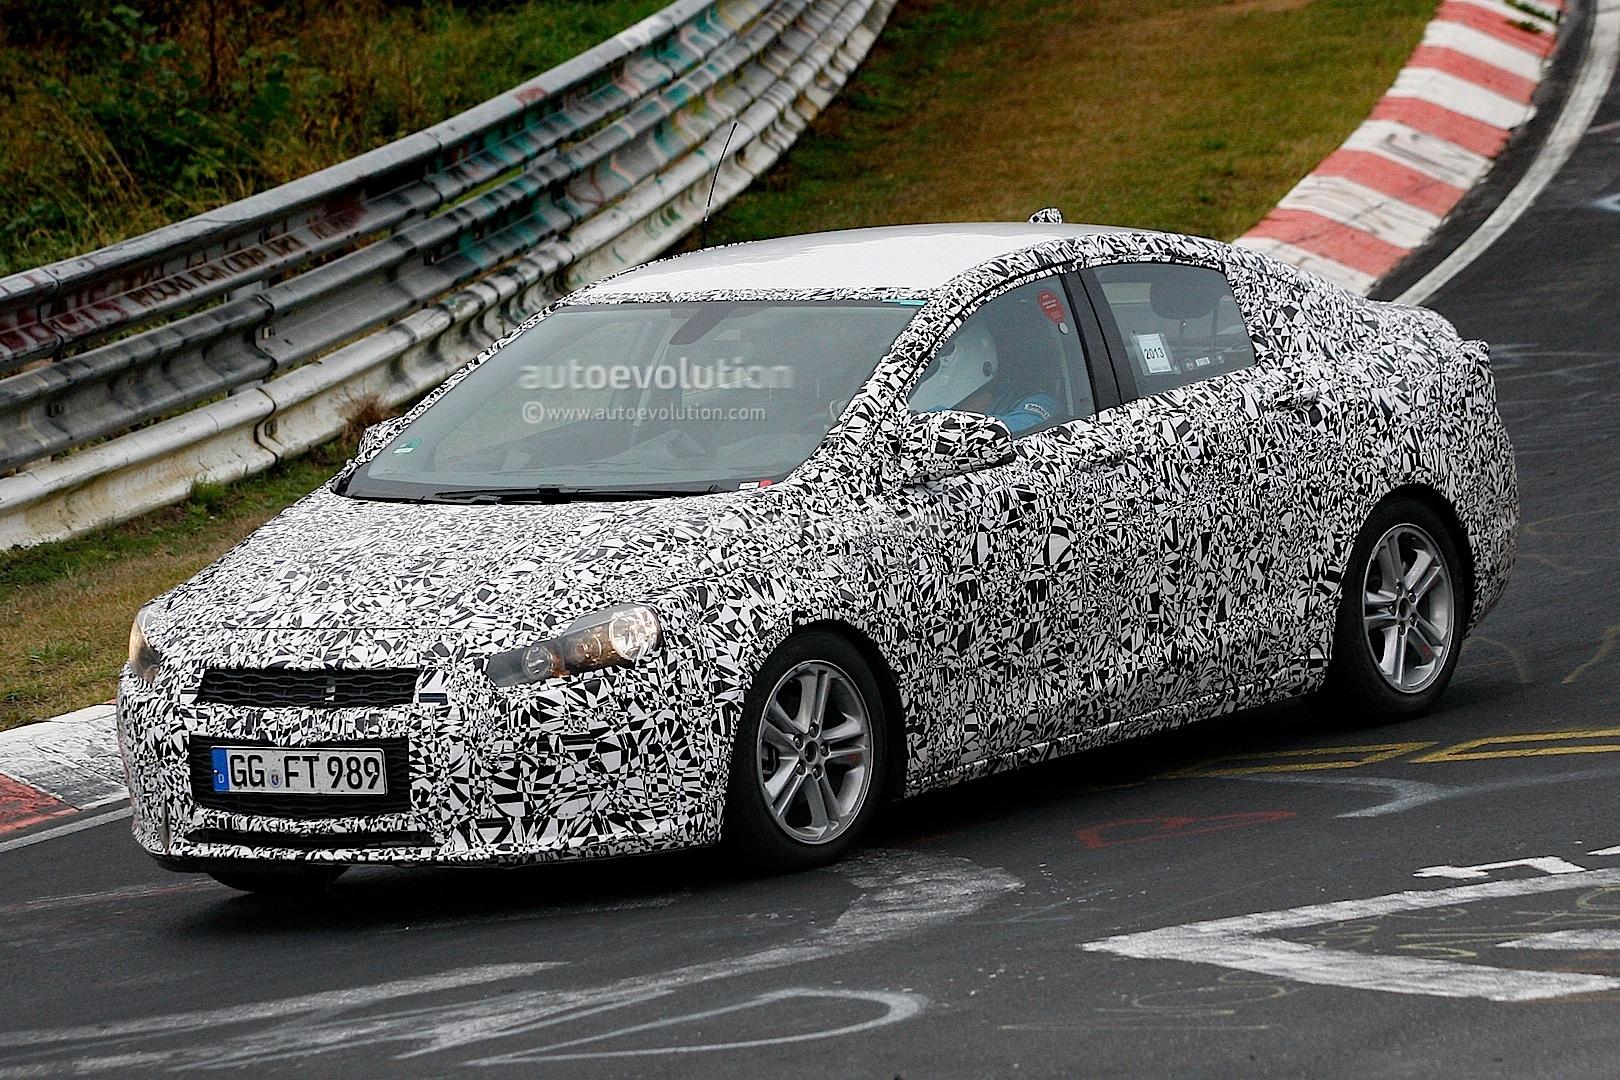 Spyshots: 2016 Chevrolet Cruze Sedan Begins Nurburgring Testing